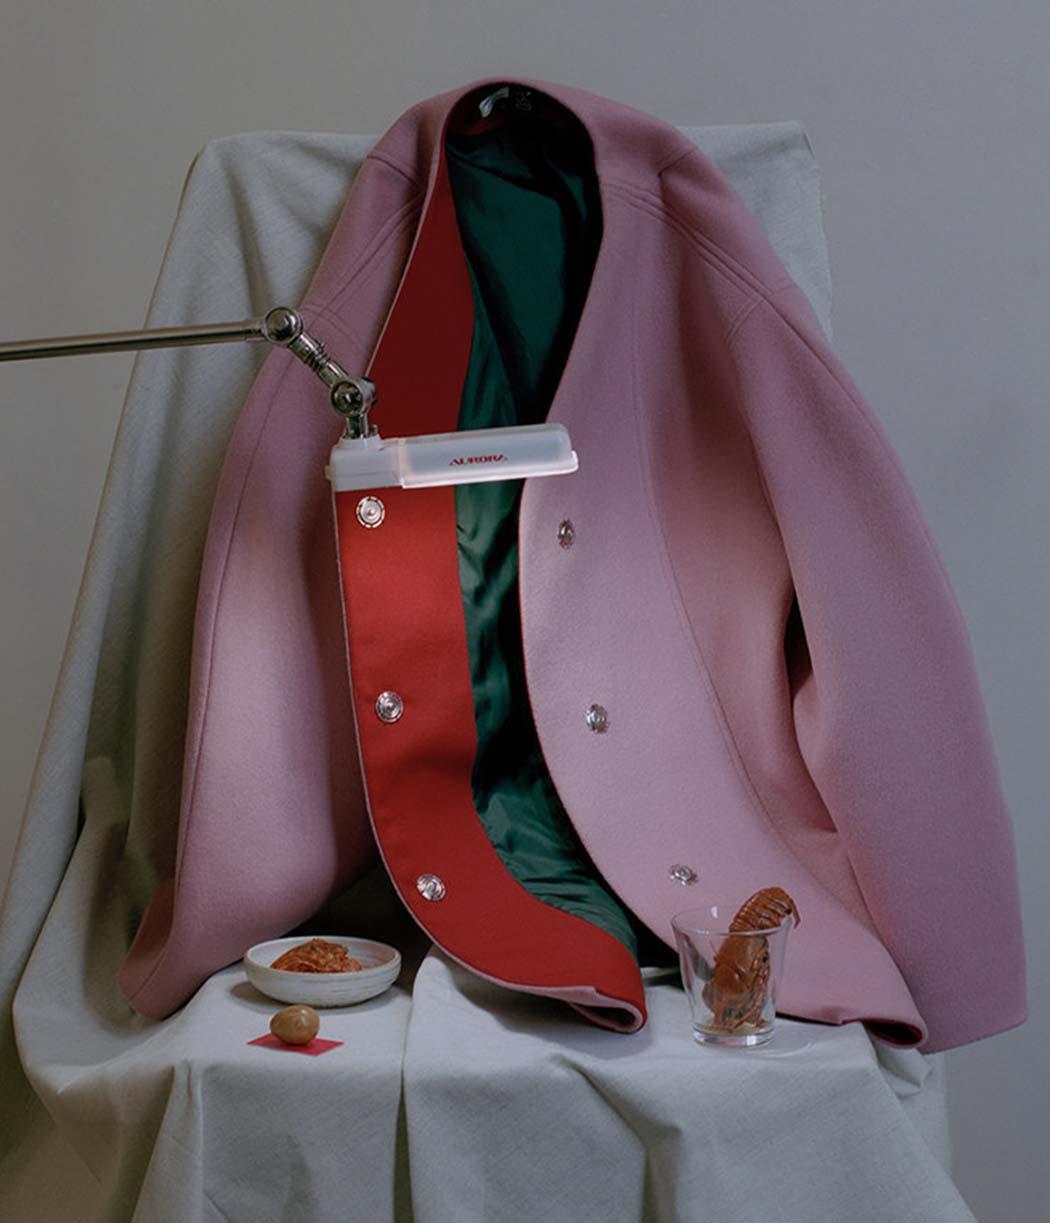 Fashion-JKimFW17-Still Lifes-EugeneShishkin-01